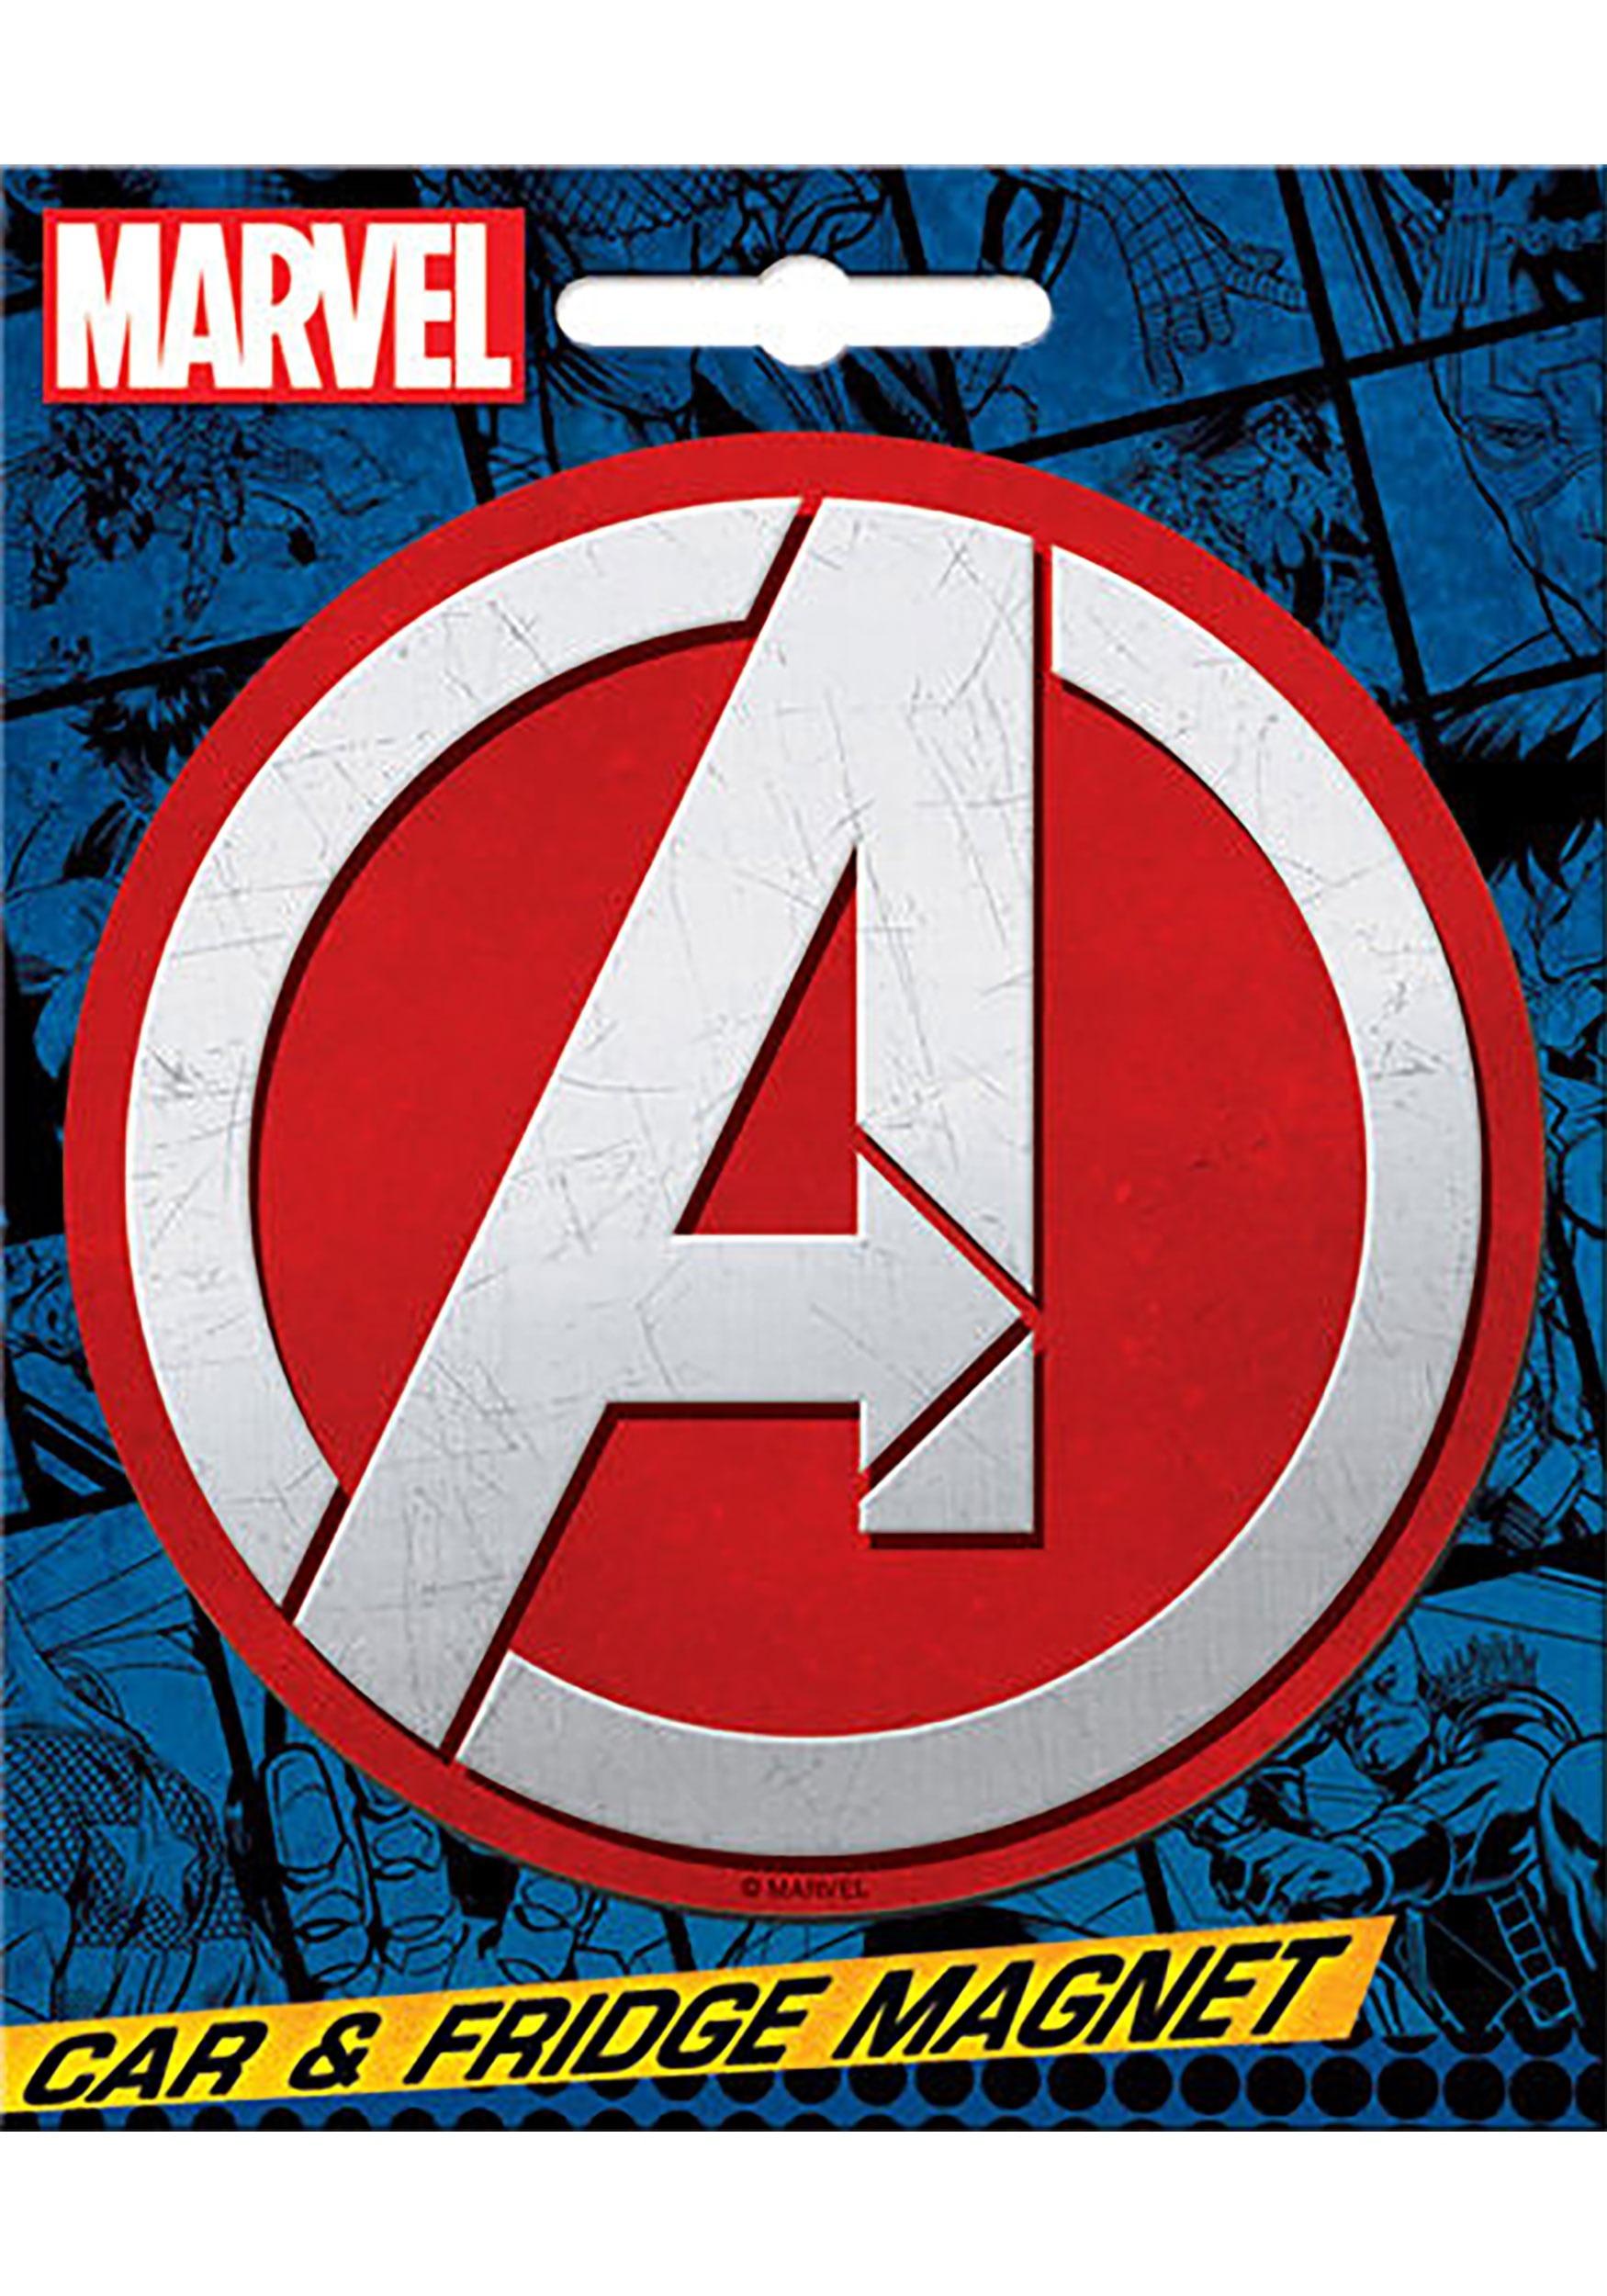 Marvel_Avengers_Car_Magnet